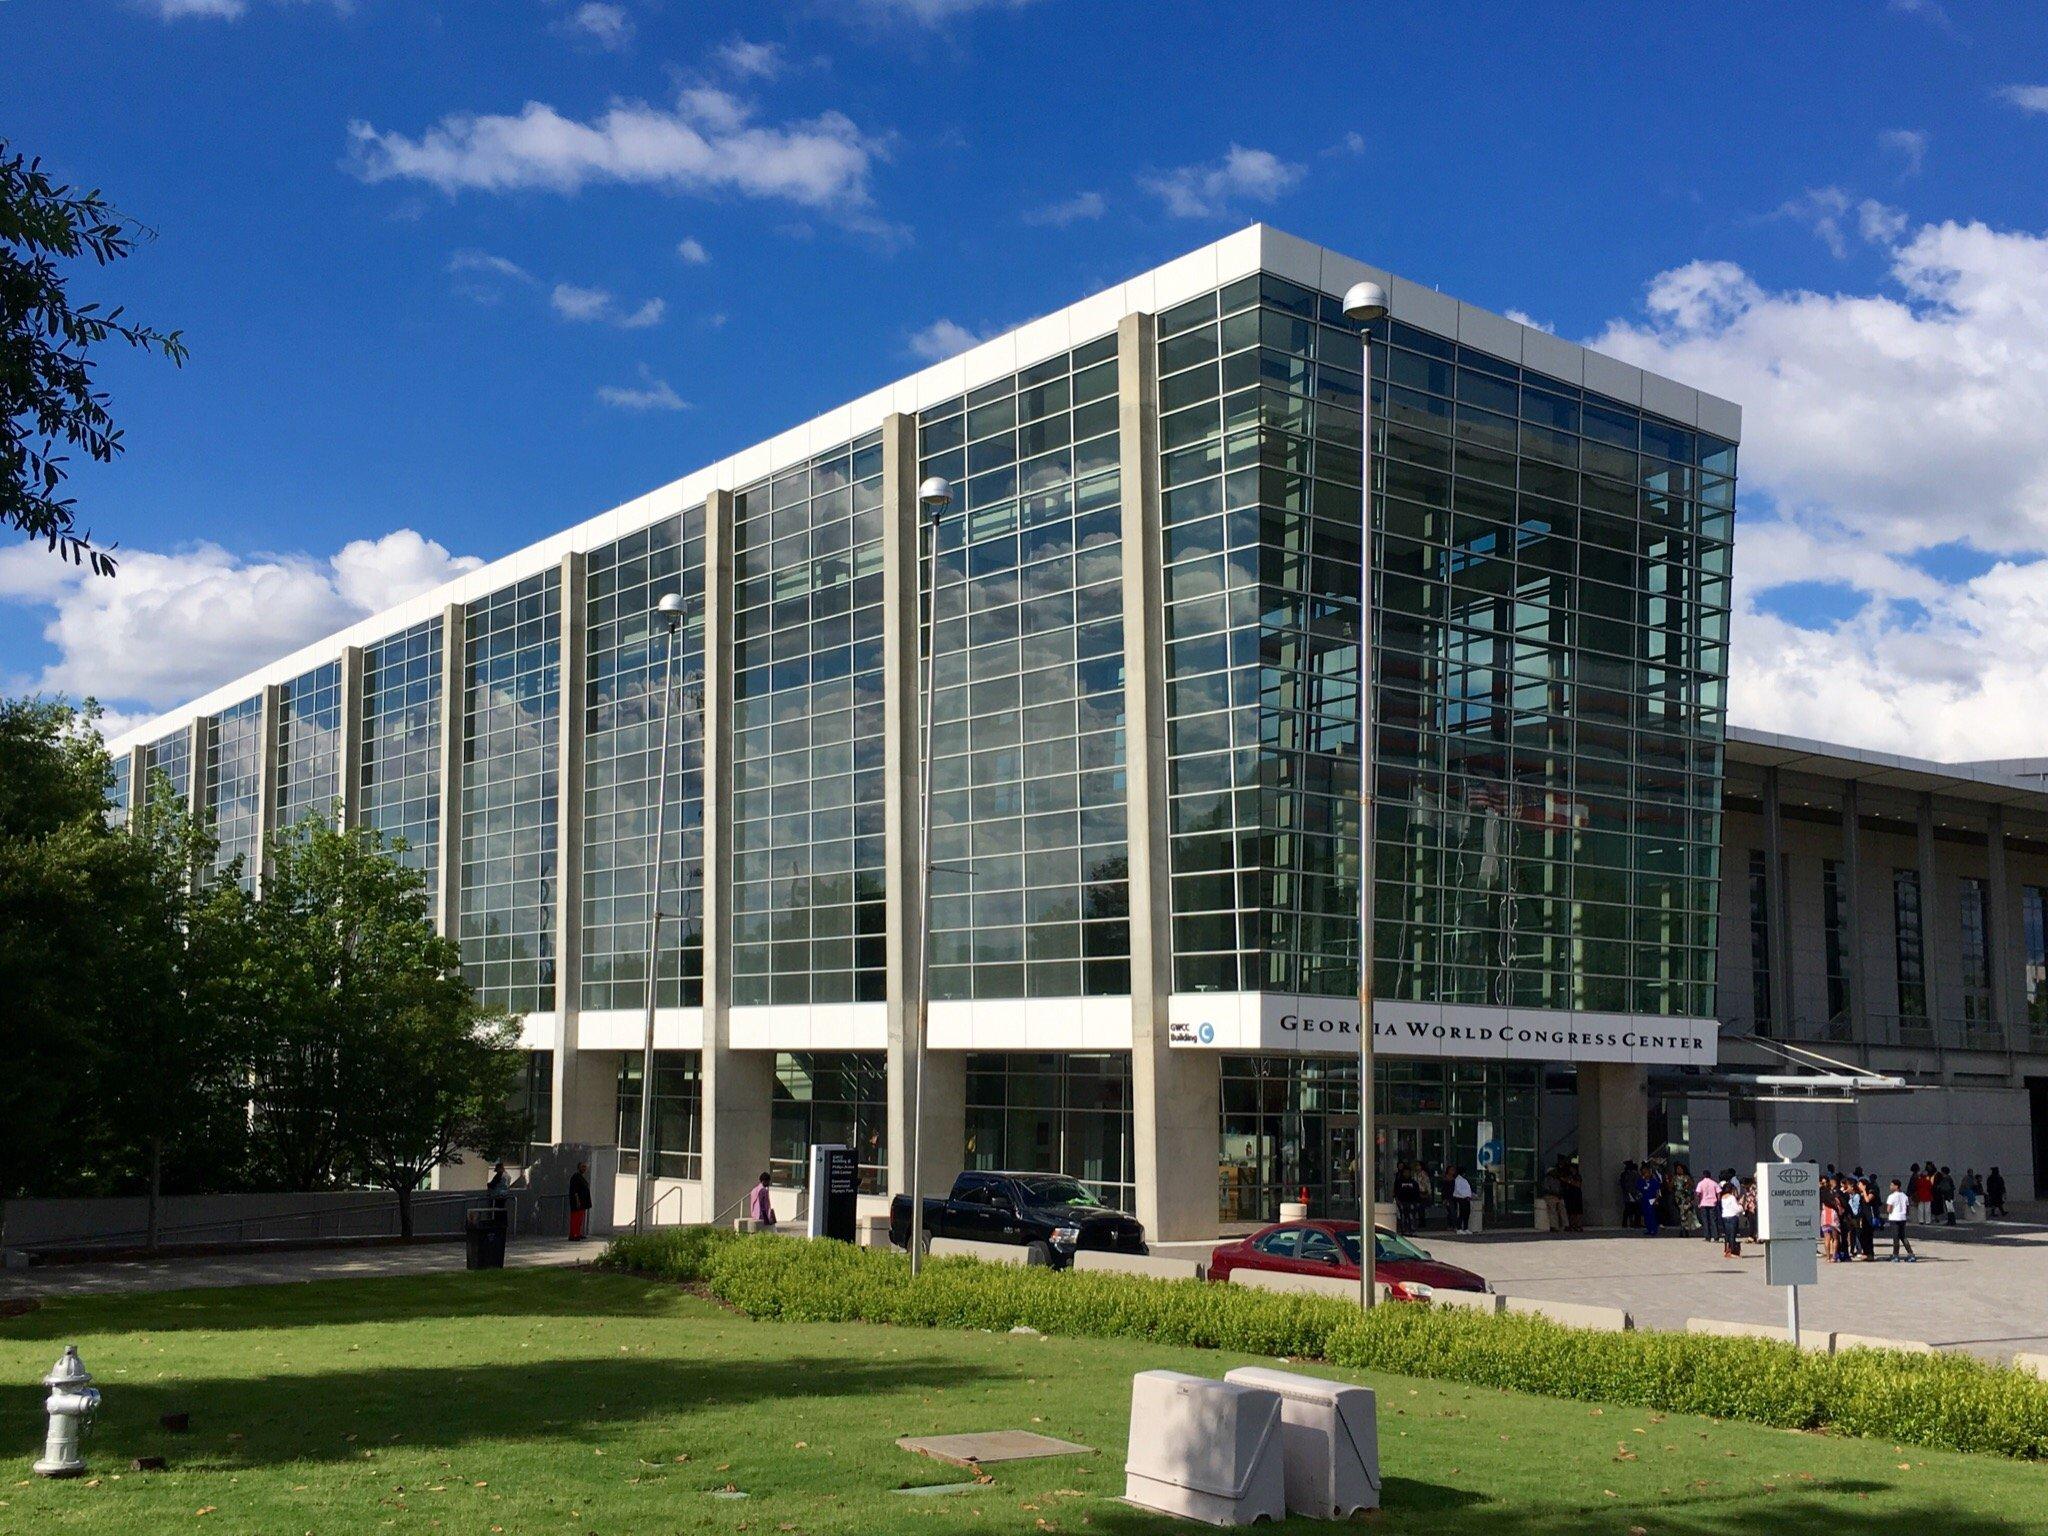 Georgia World Congress Center in Atlanta GA 404 223 4